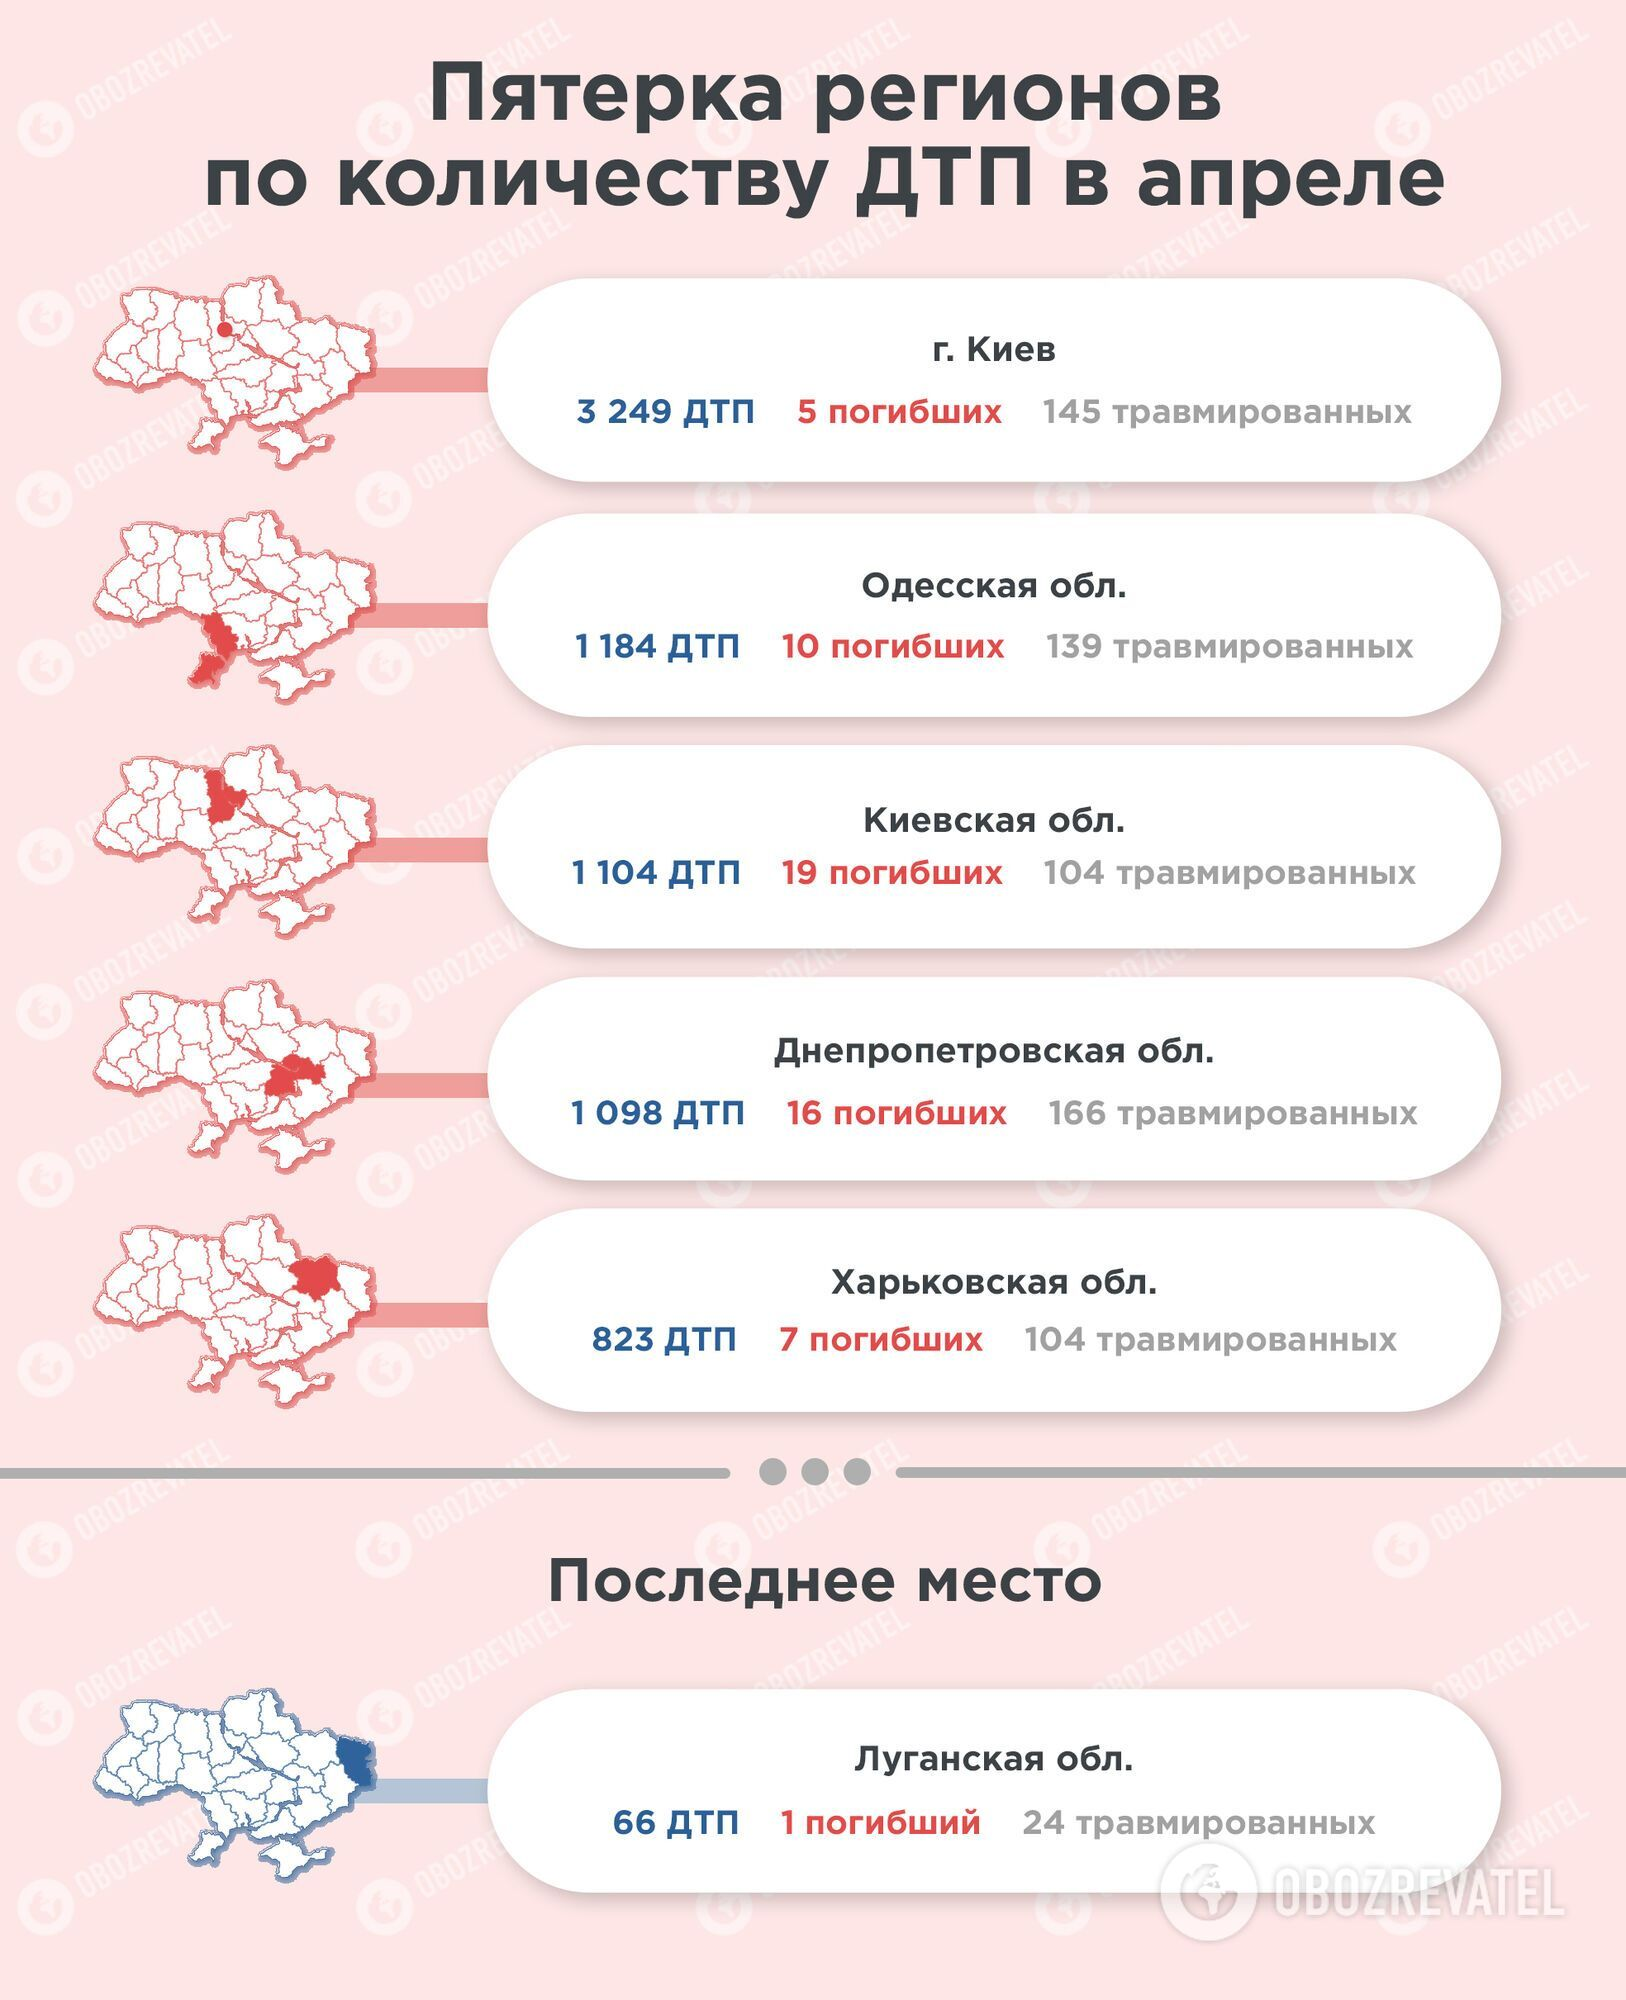 Пятерка регионов Украины по количеству ДТП в апреле